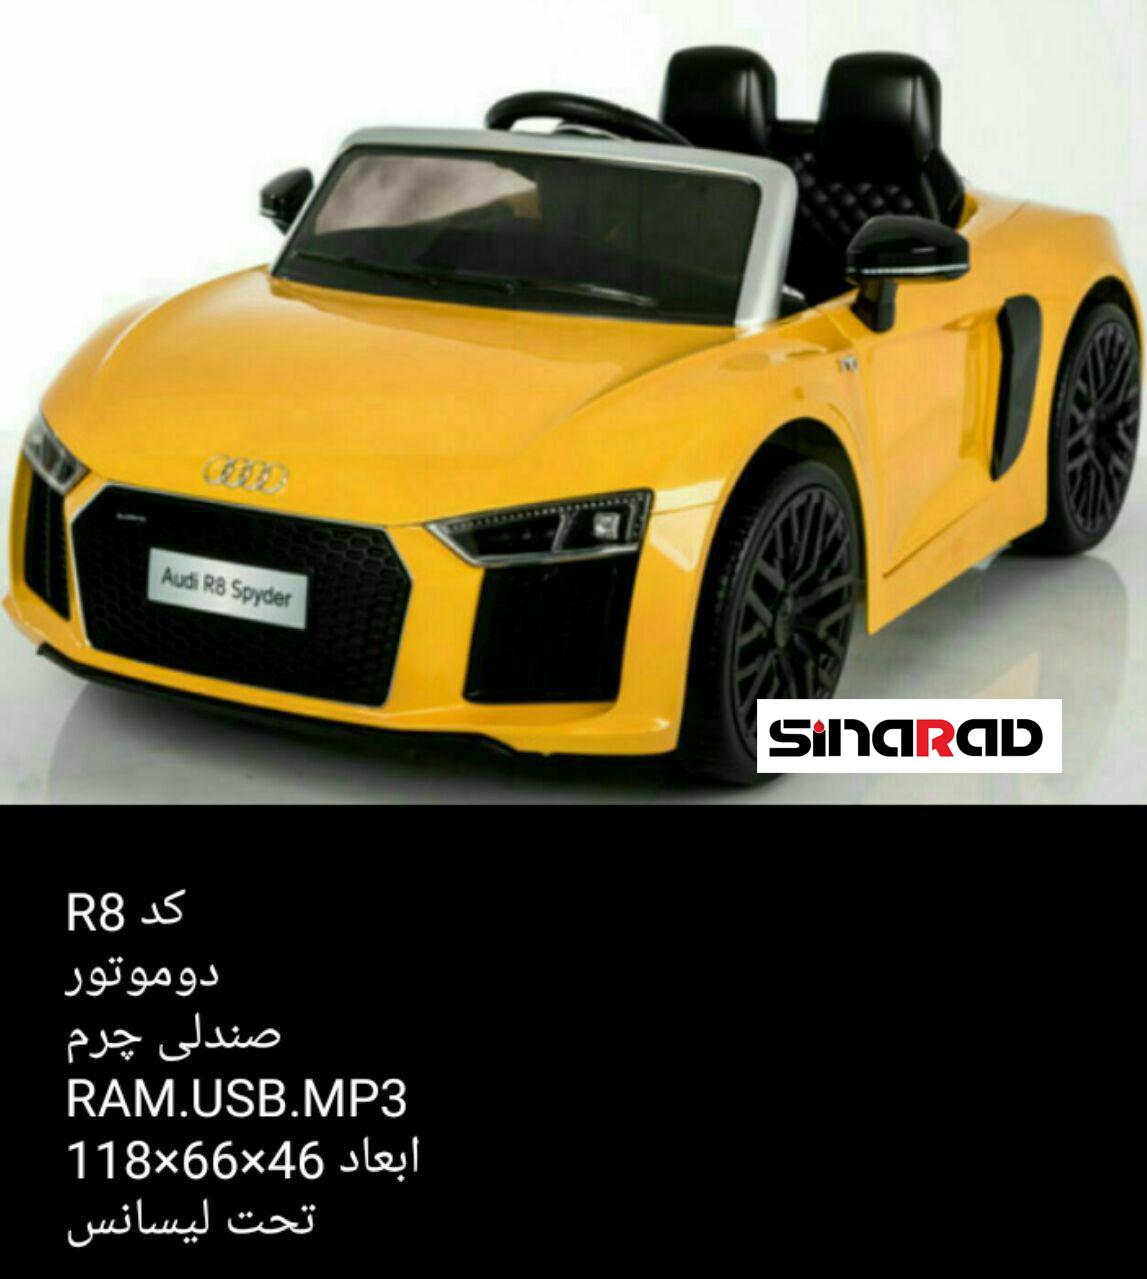 قیمت خرید جدیدترین ماشین شارژی زرد